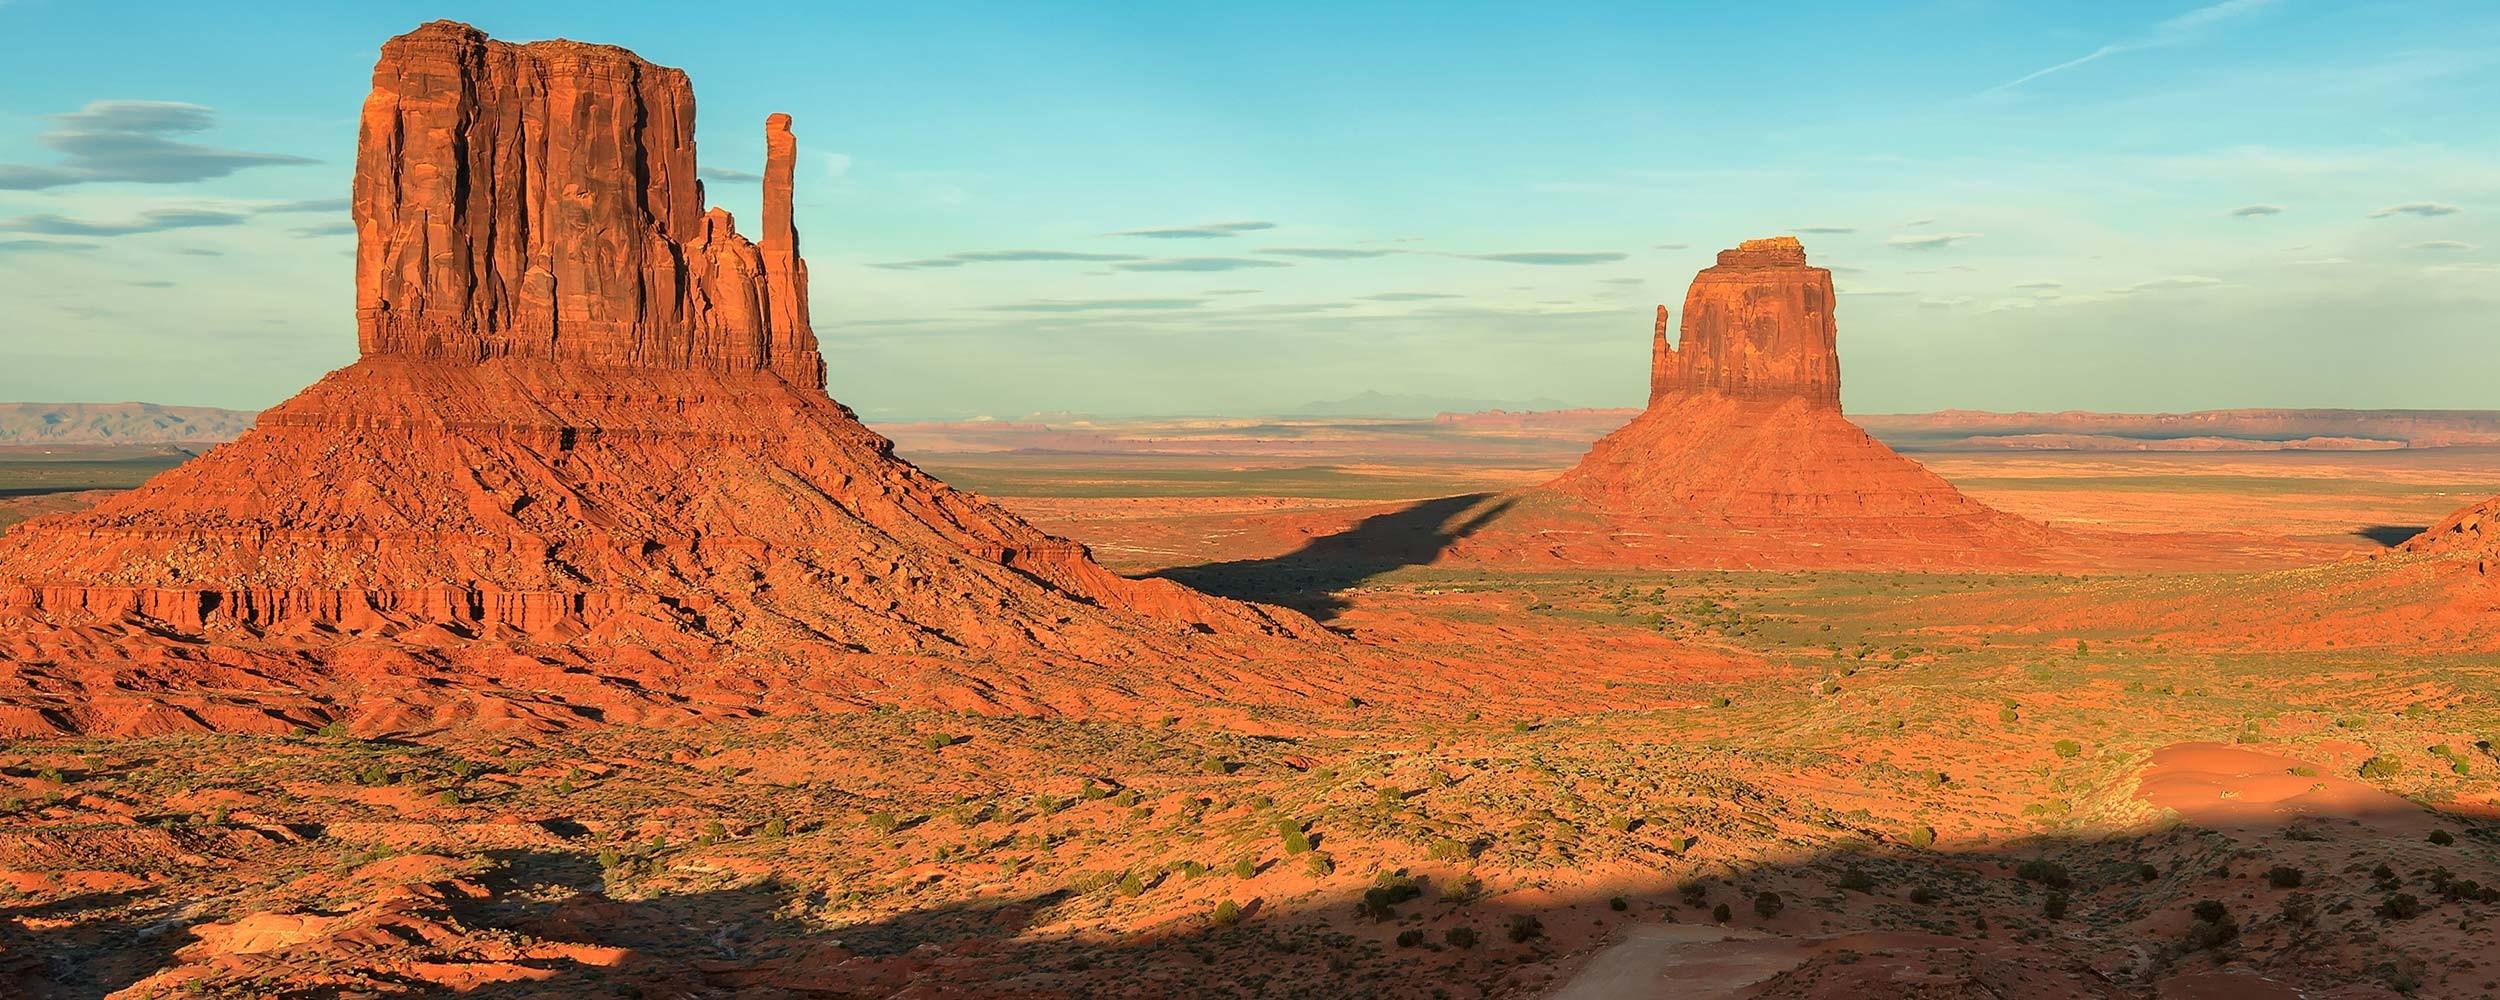 Destination Etats Unis Ouest Americain Monument valley